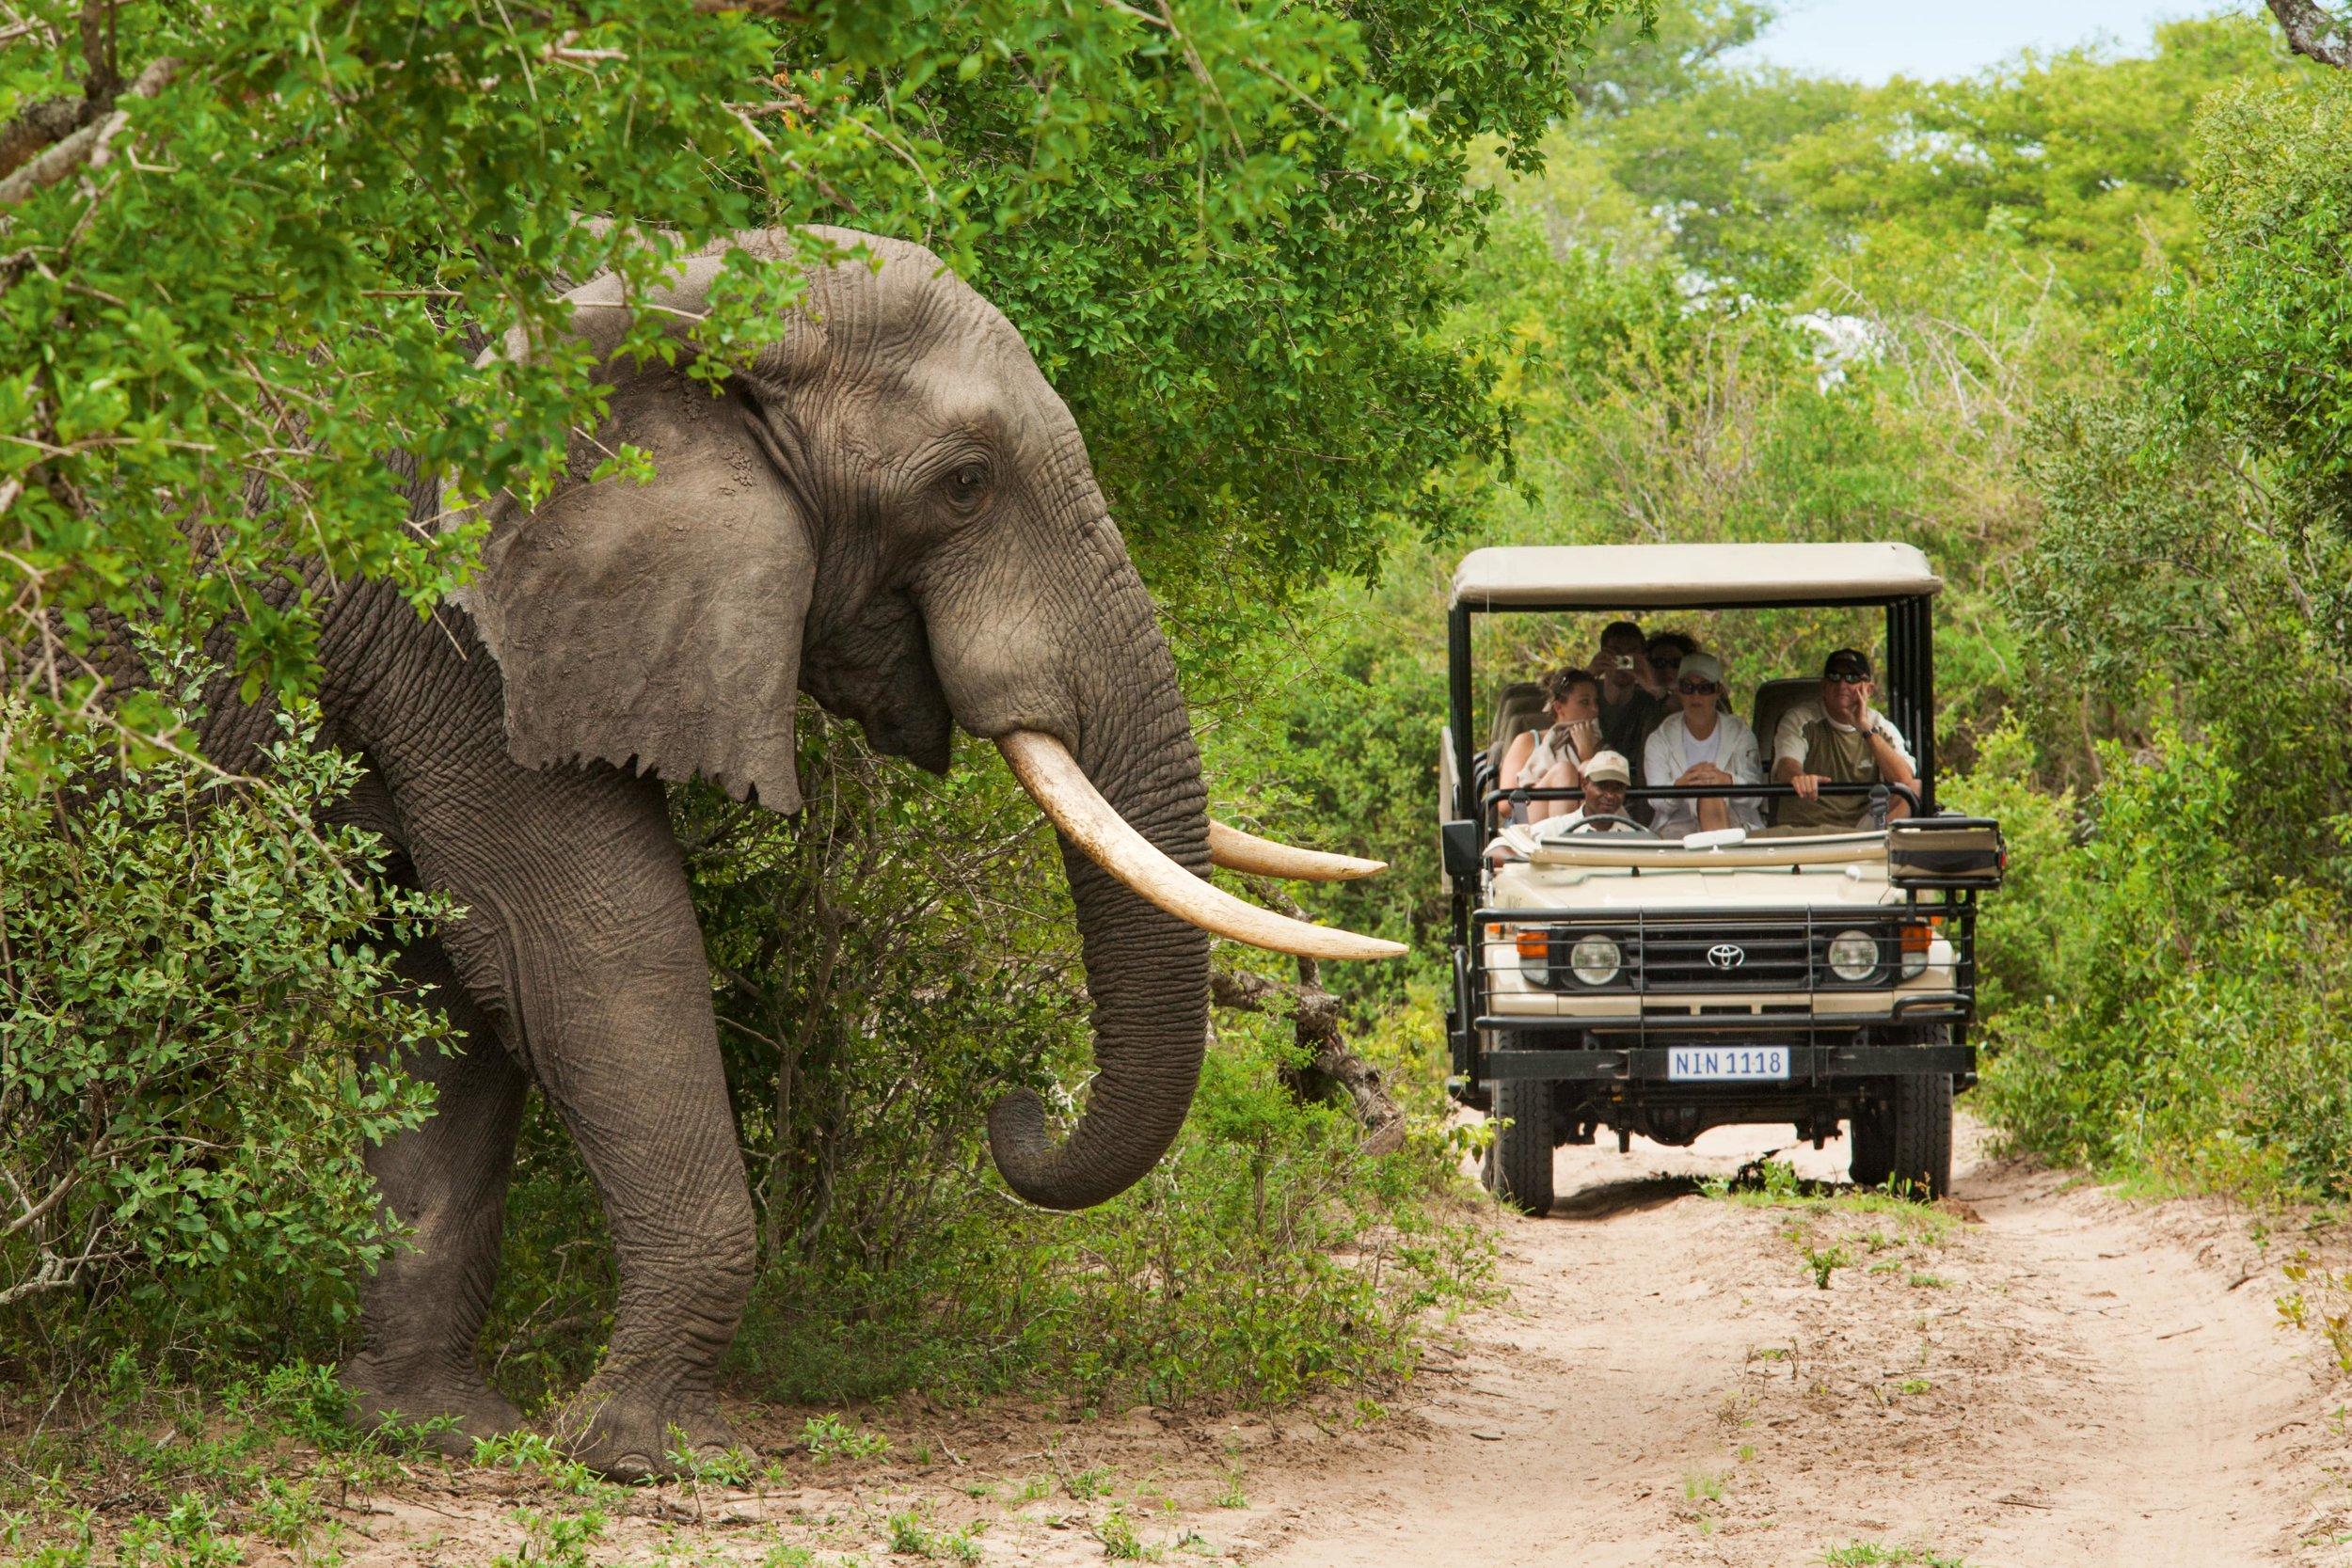 La Route Des Jardins - Les réserves naturelles dans cette région appelée Cap Oriental permettent aux visiteurs de profiter des Big Five dans leur paysage naturel. Incluez un séjour safari pendant vos vacances